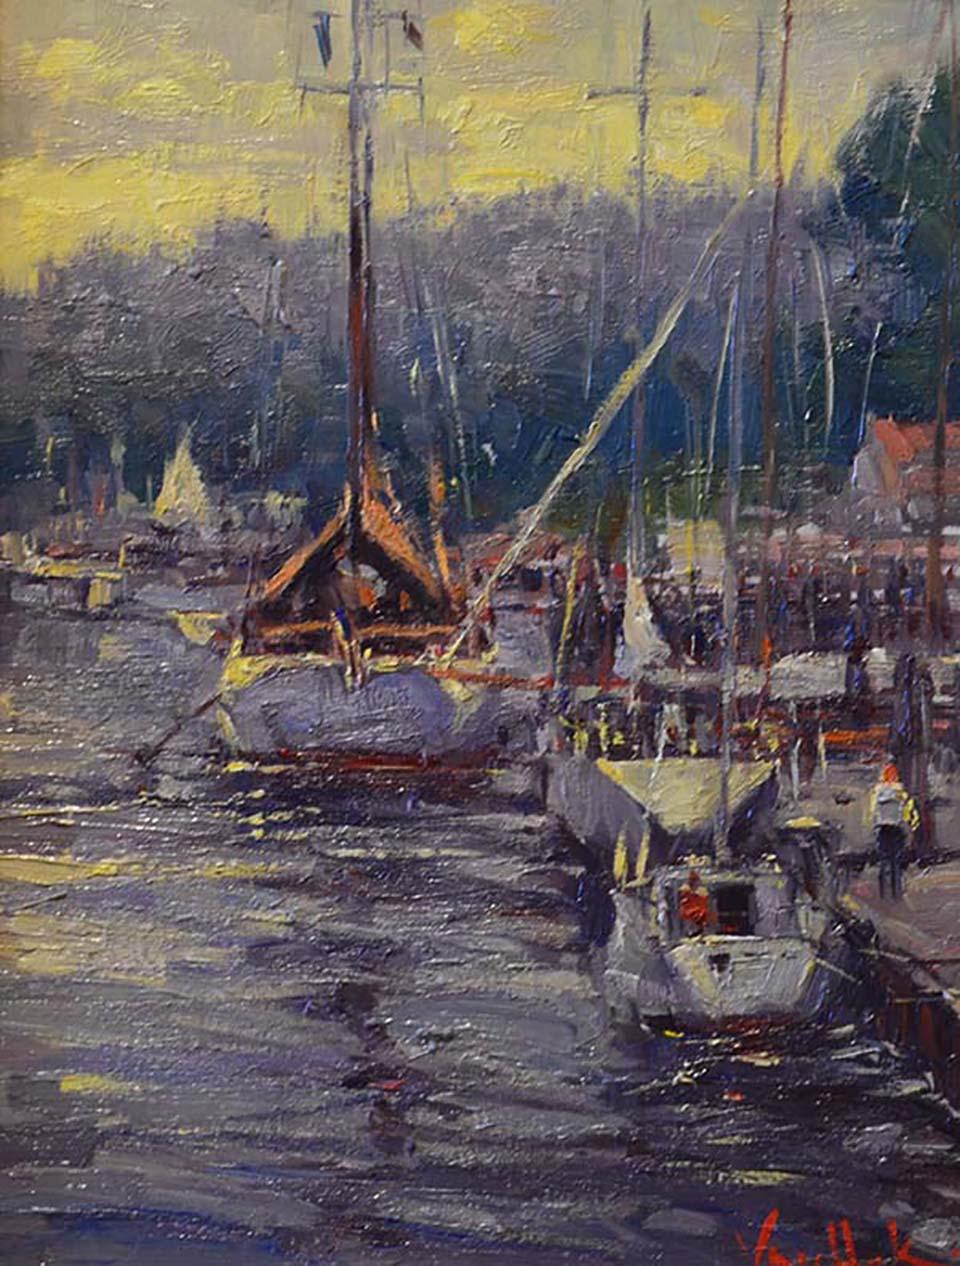 van-hook_schooners-in-the-harbor_16x12